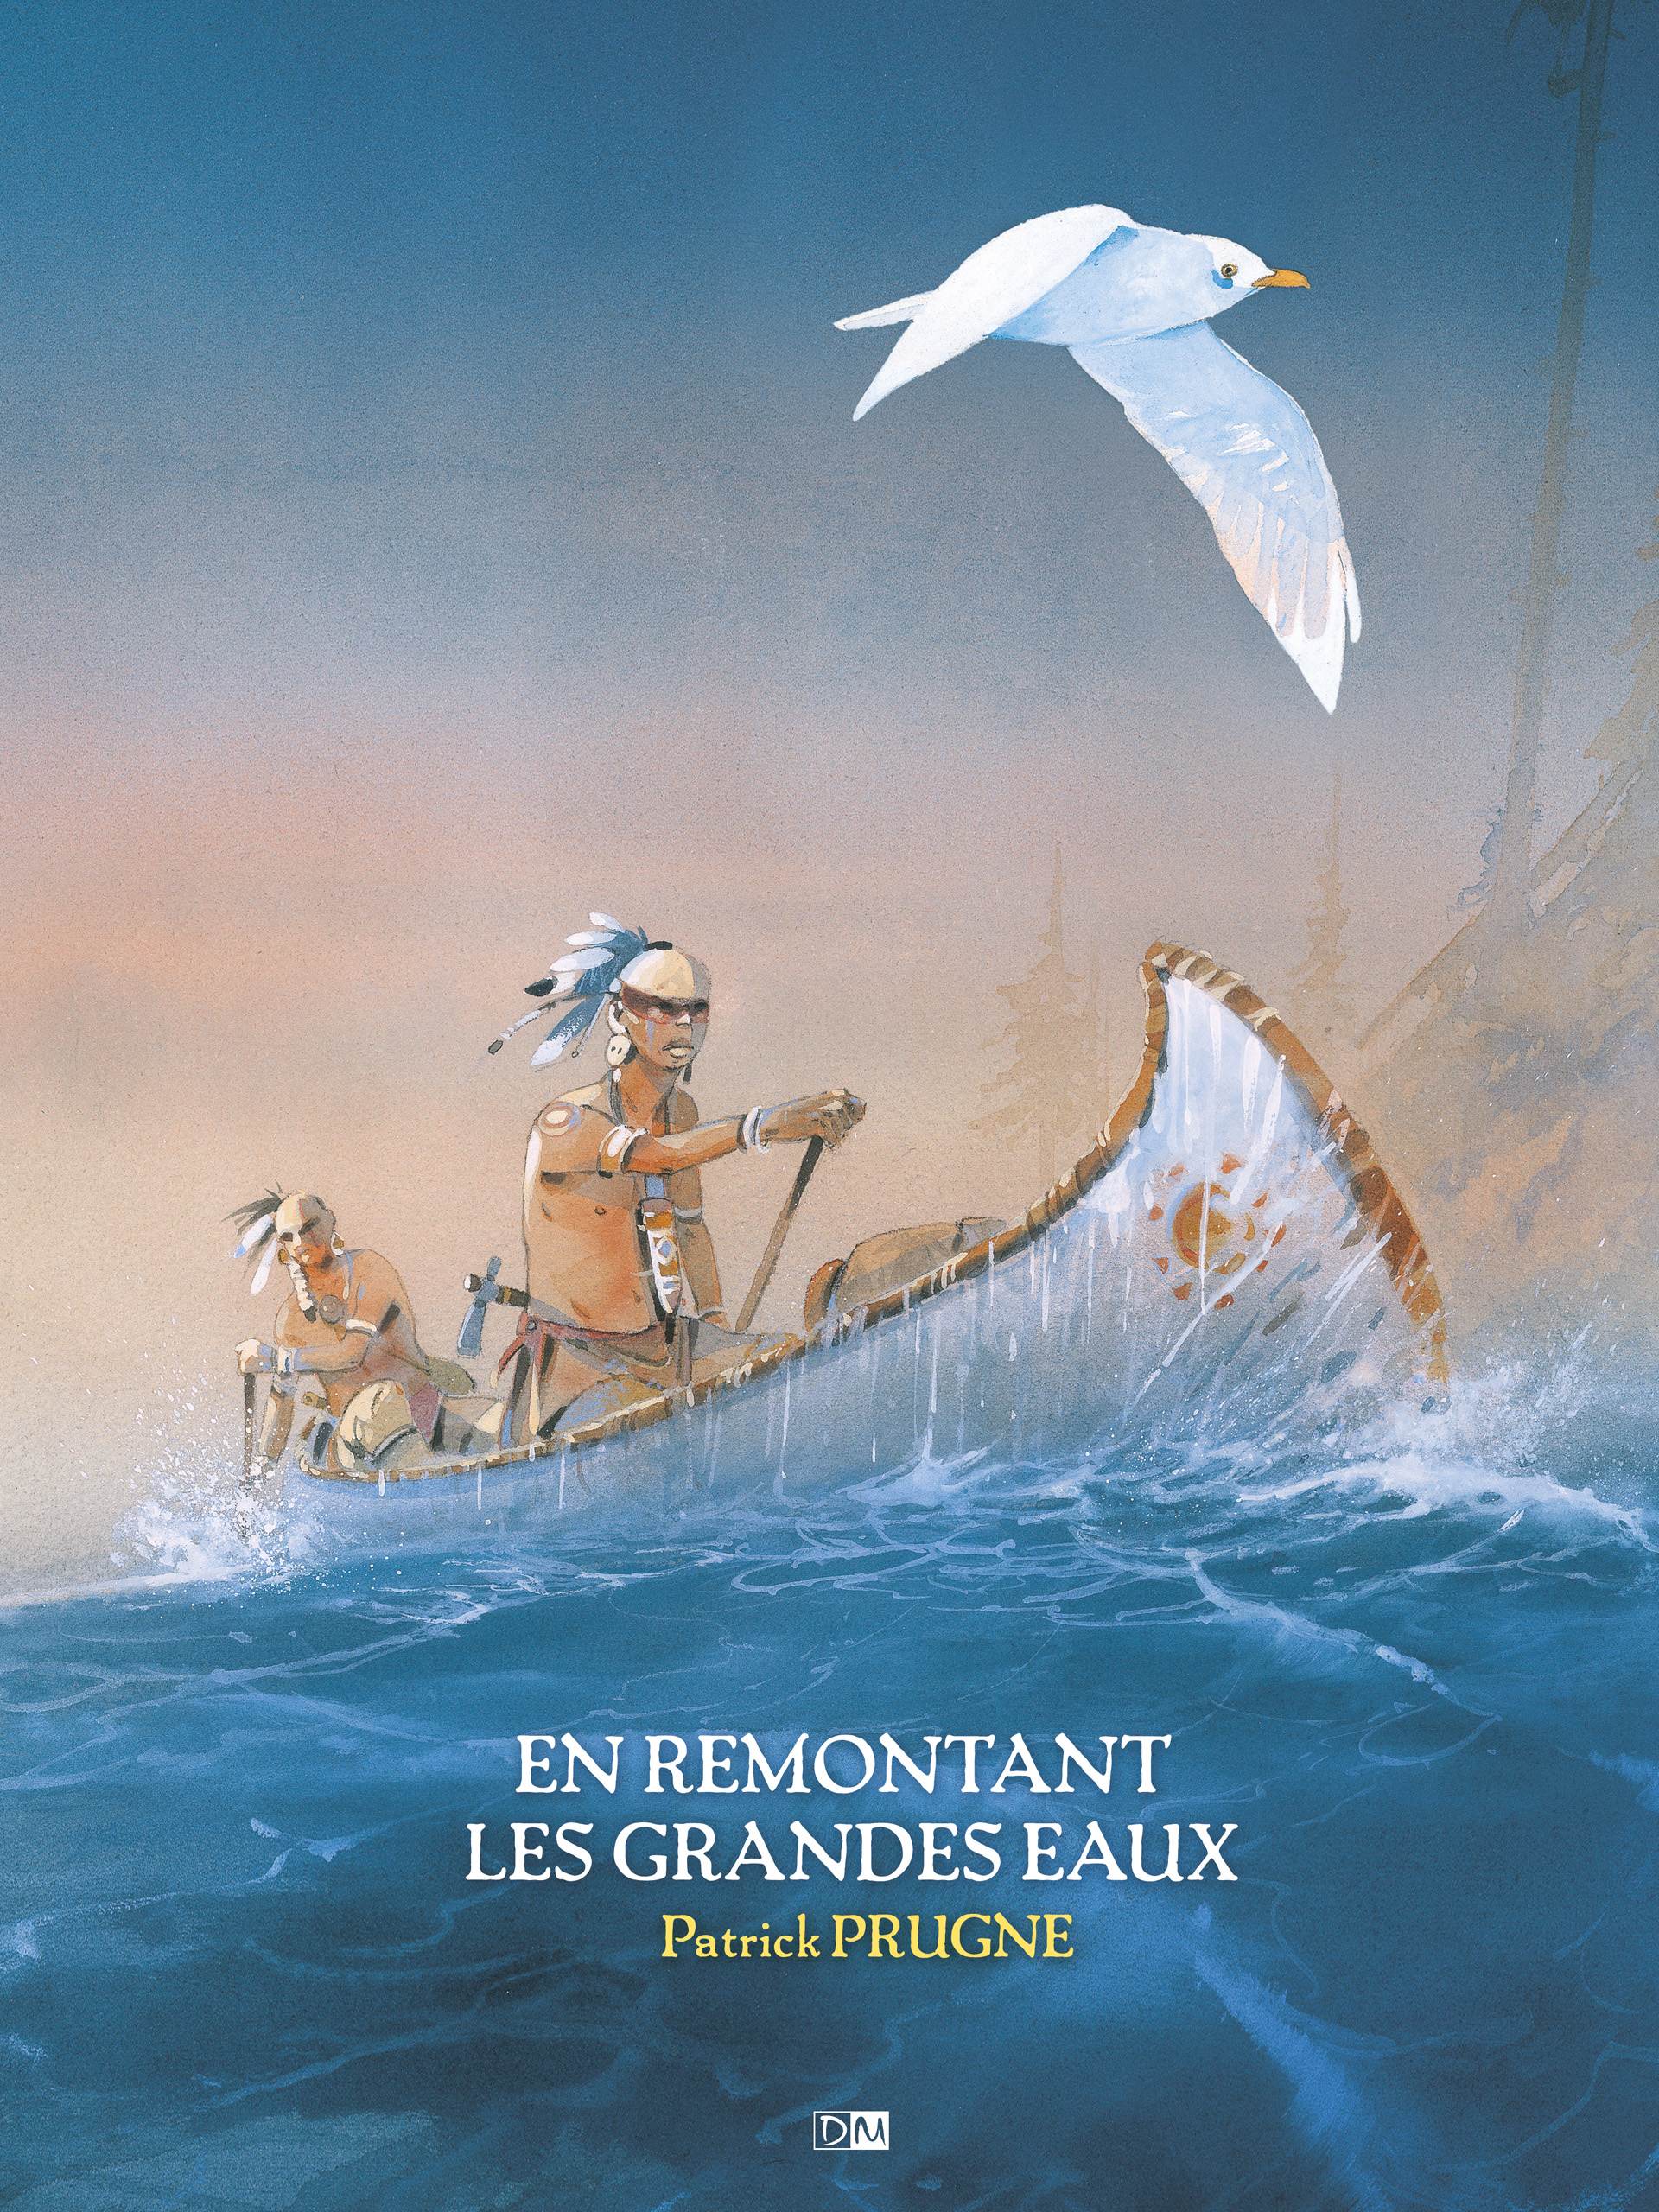 En Remontant les grandes eaux - Patrick Prugne - Couverture